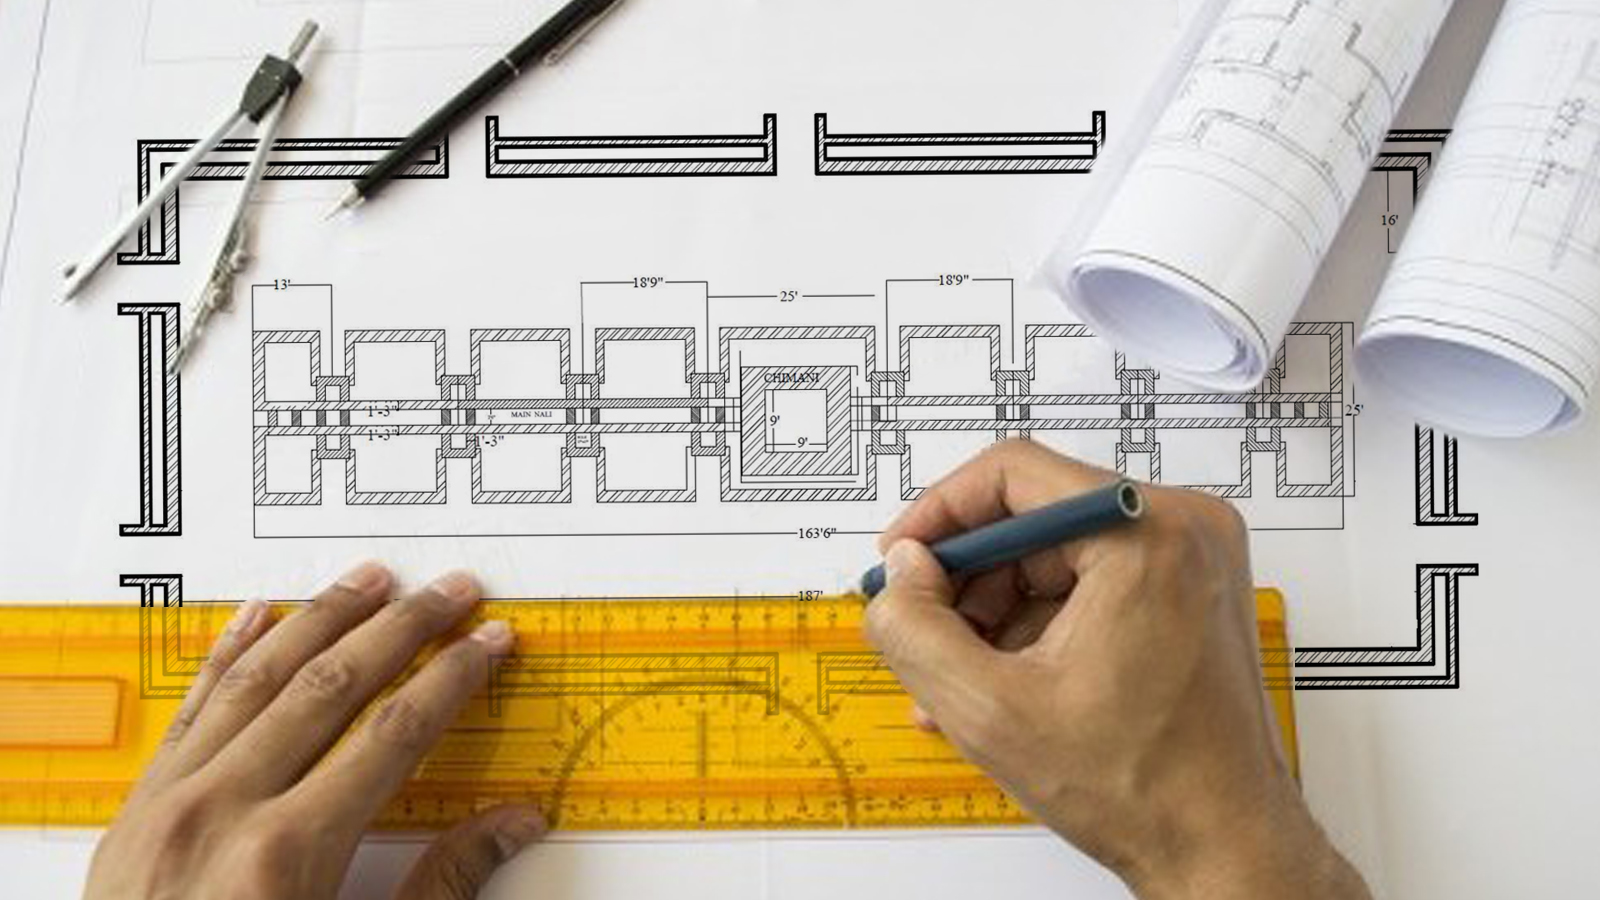 Dịch vụ thi công nội thất gỗ thông minh | Uy tín – Chất lượng – Giá xưởng | Dogona